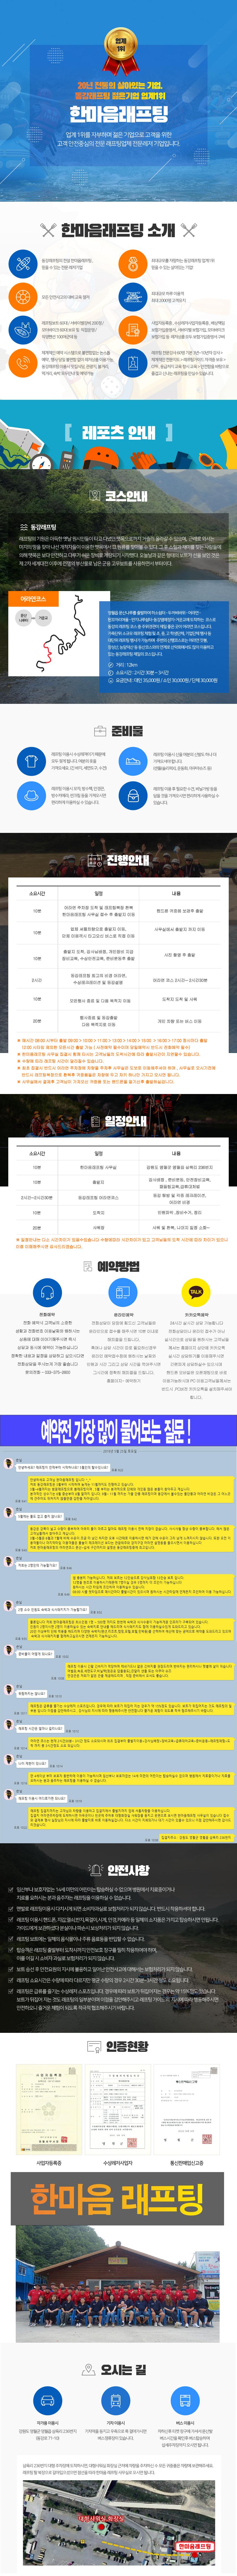 한마음상세페이지 동강래프팅 어라연코스 최종 .jpg